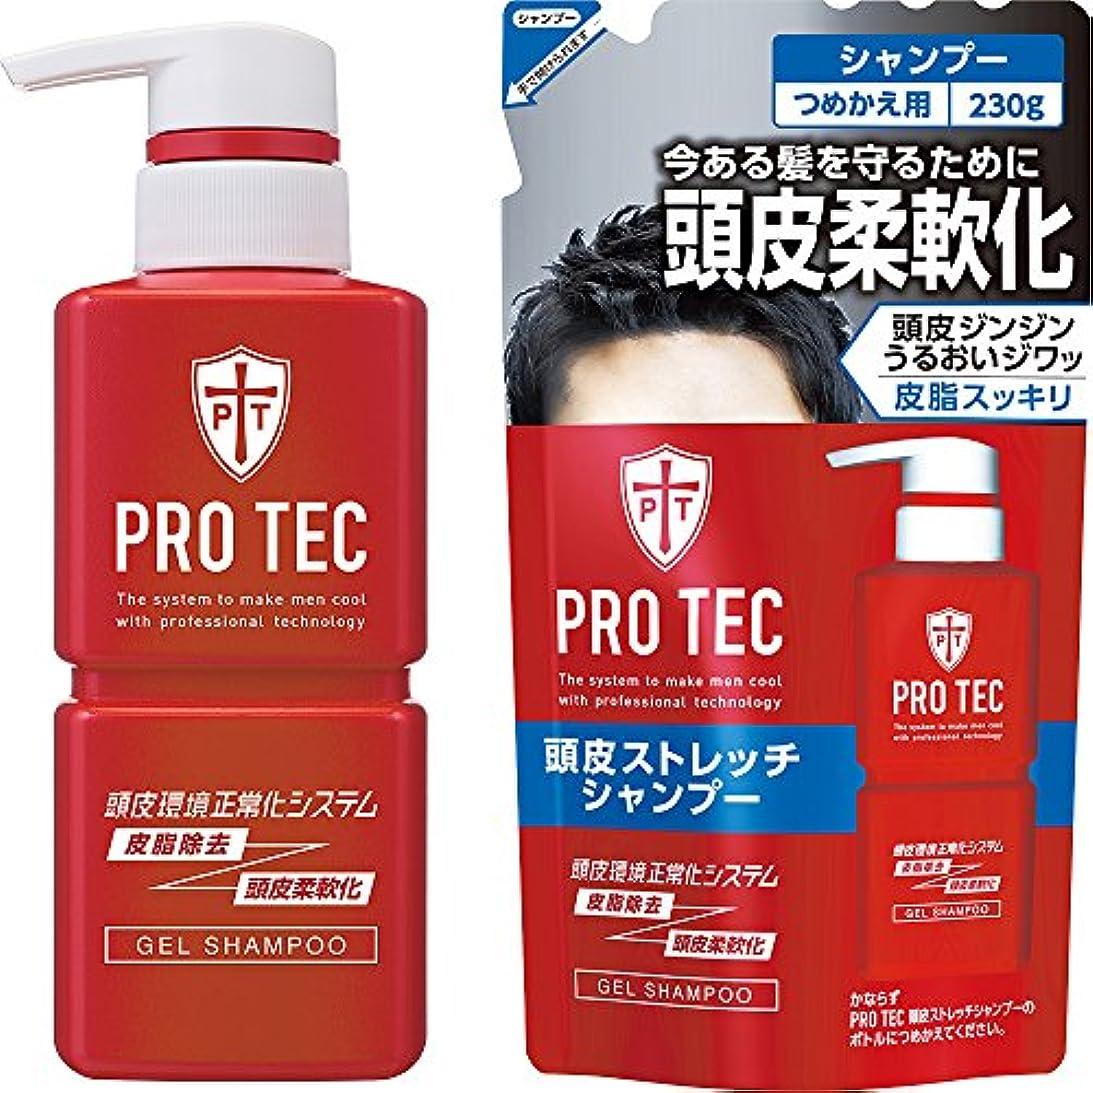 マリンどっちキウイPRO TEC(プロテク) 頭皮ストレッチシャンプー 本体ポンプ300g+詰め替え230g セット(医薬部外品)